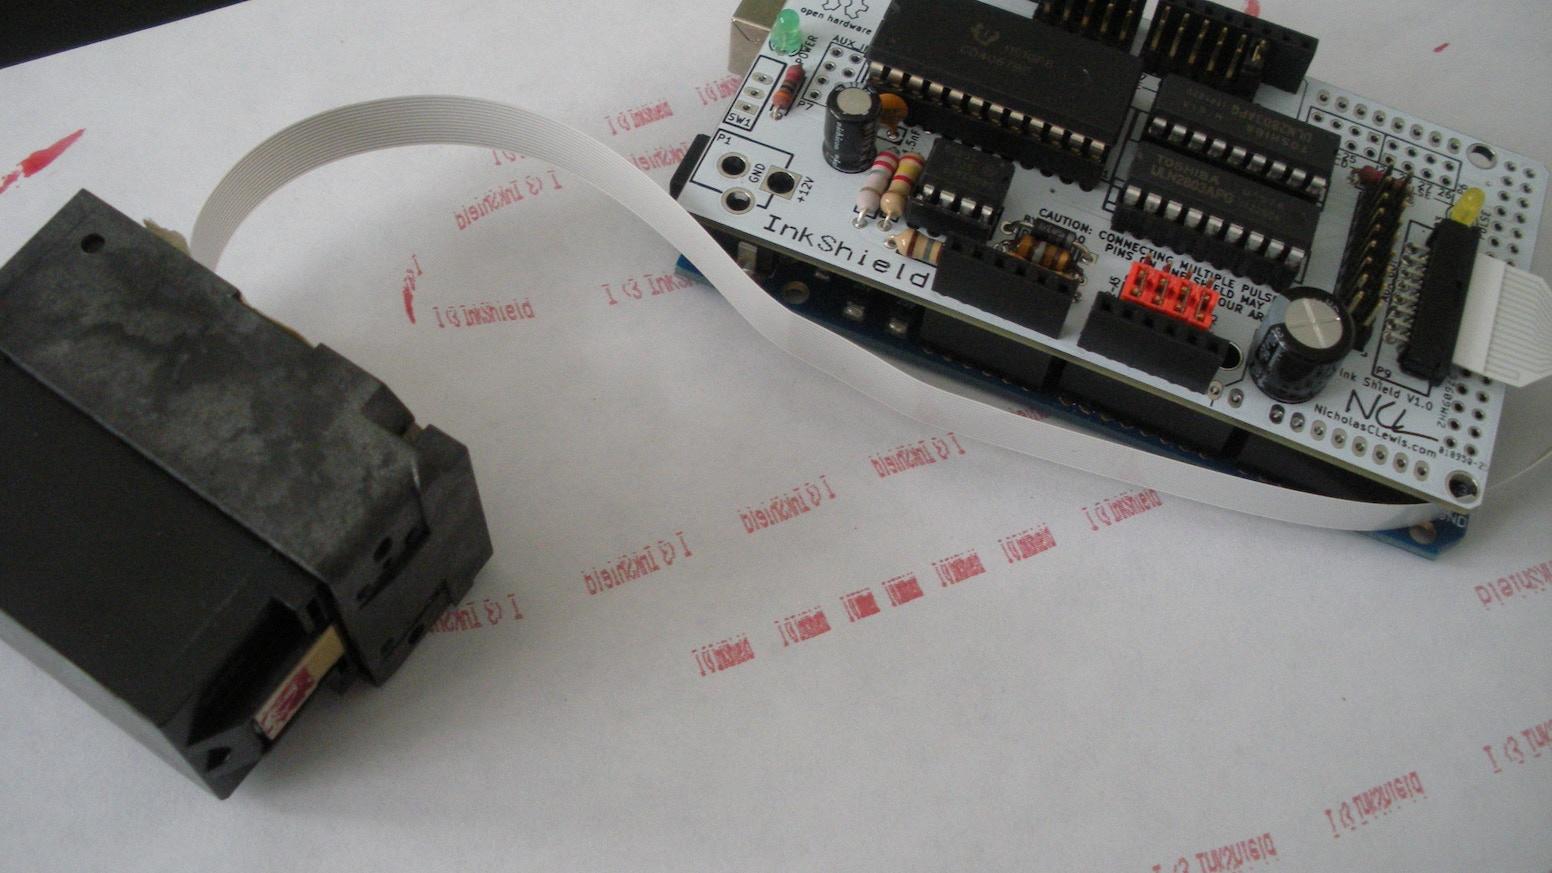 InkShield: An Open Source Inkjet Shield for Arduino by